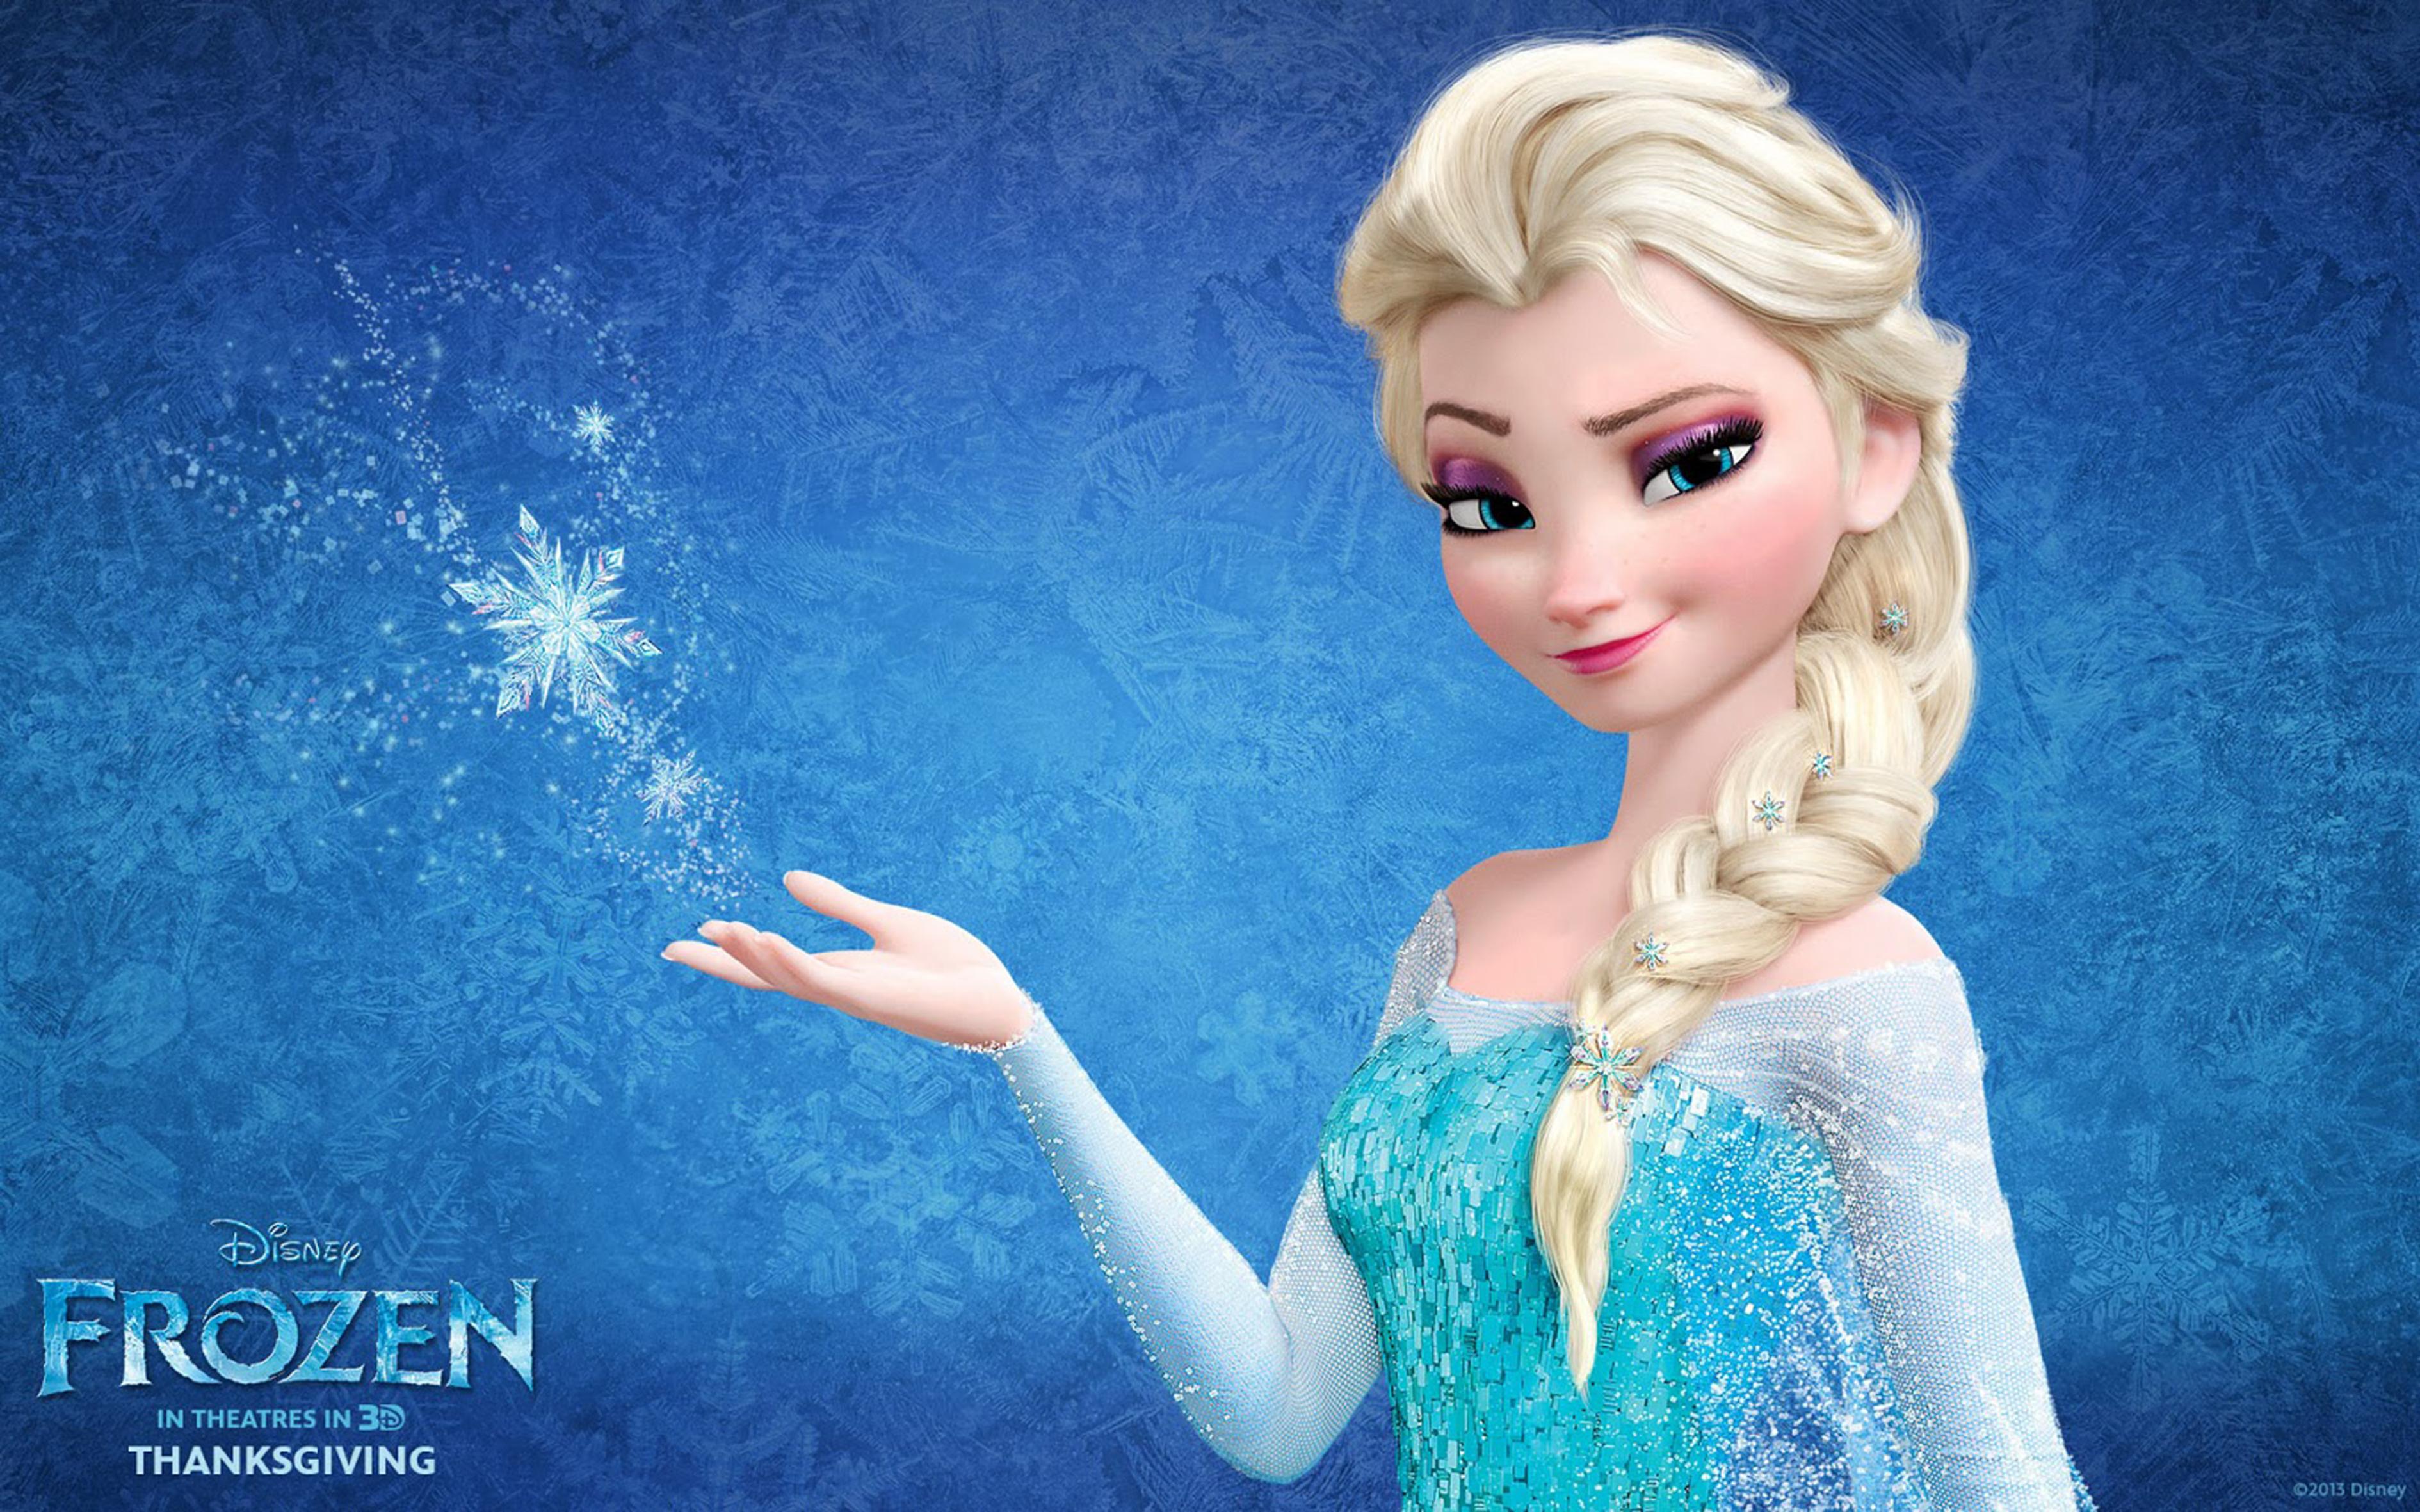 Painel Frozen Princesa Elsa 2x1 No Elo7 Festa Oferta 675371